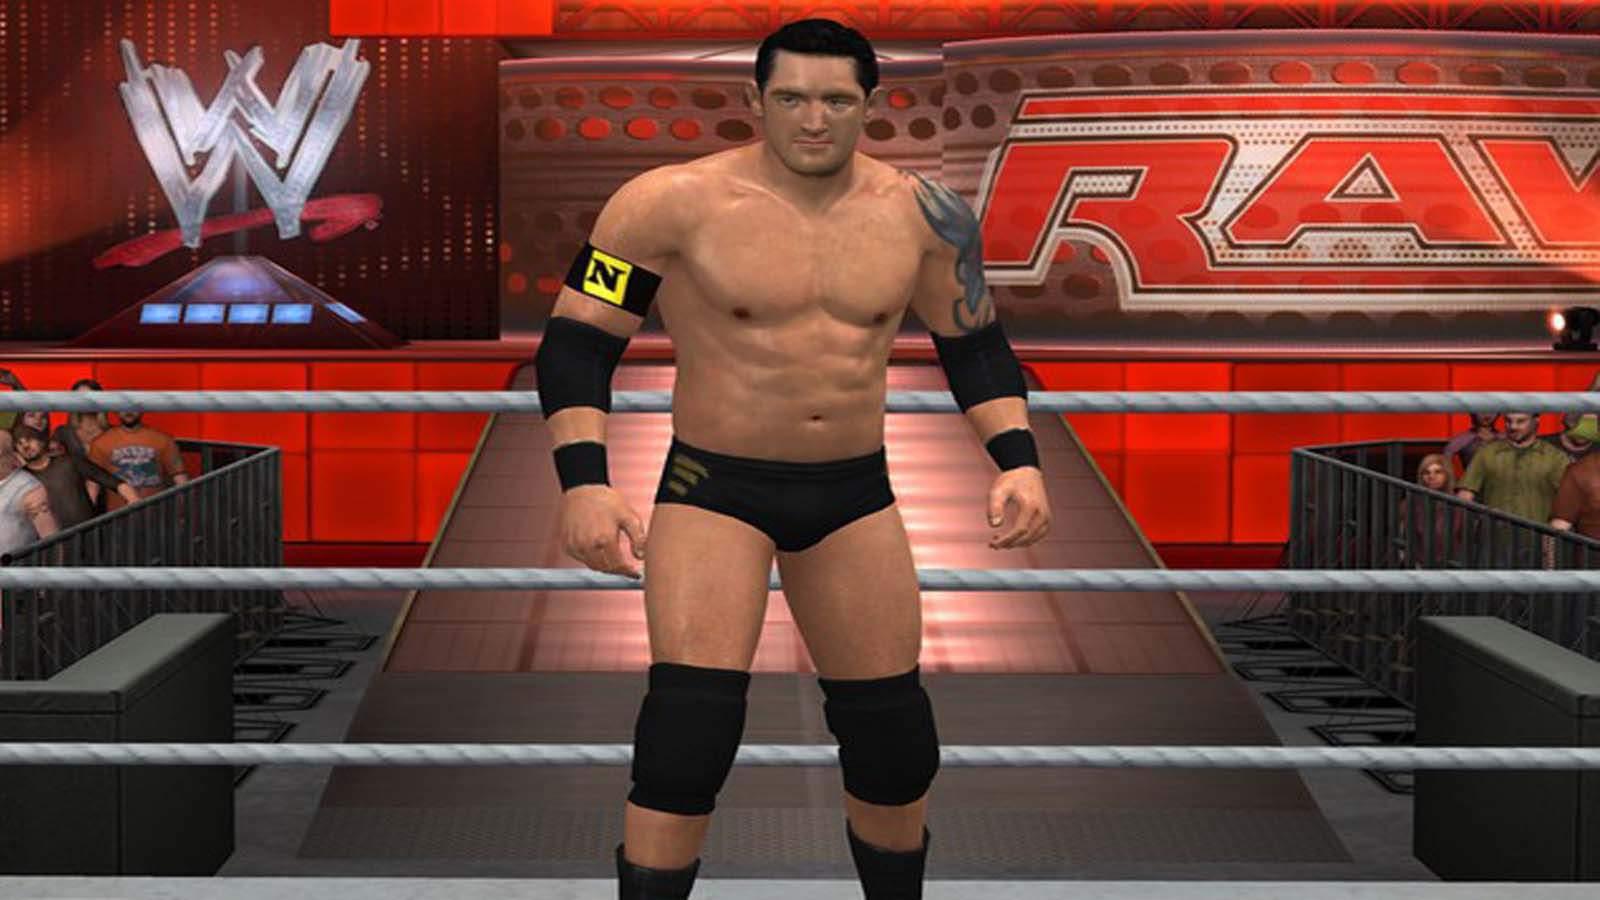 تحميل لعبة WWE 2011 مضغوطة برابط واحد مباشر كاملة مجانا